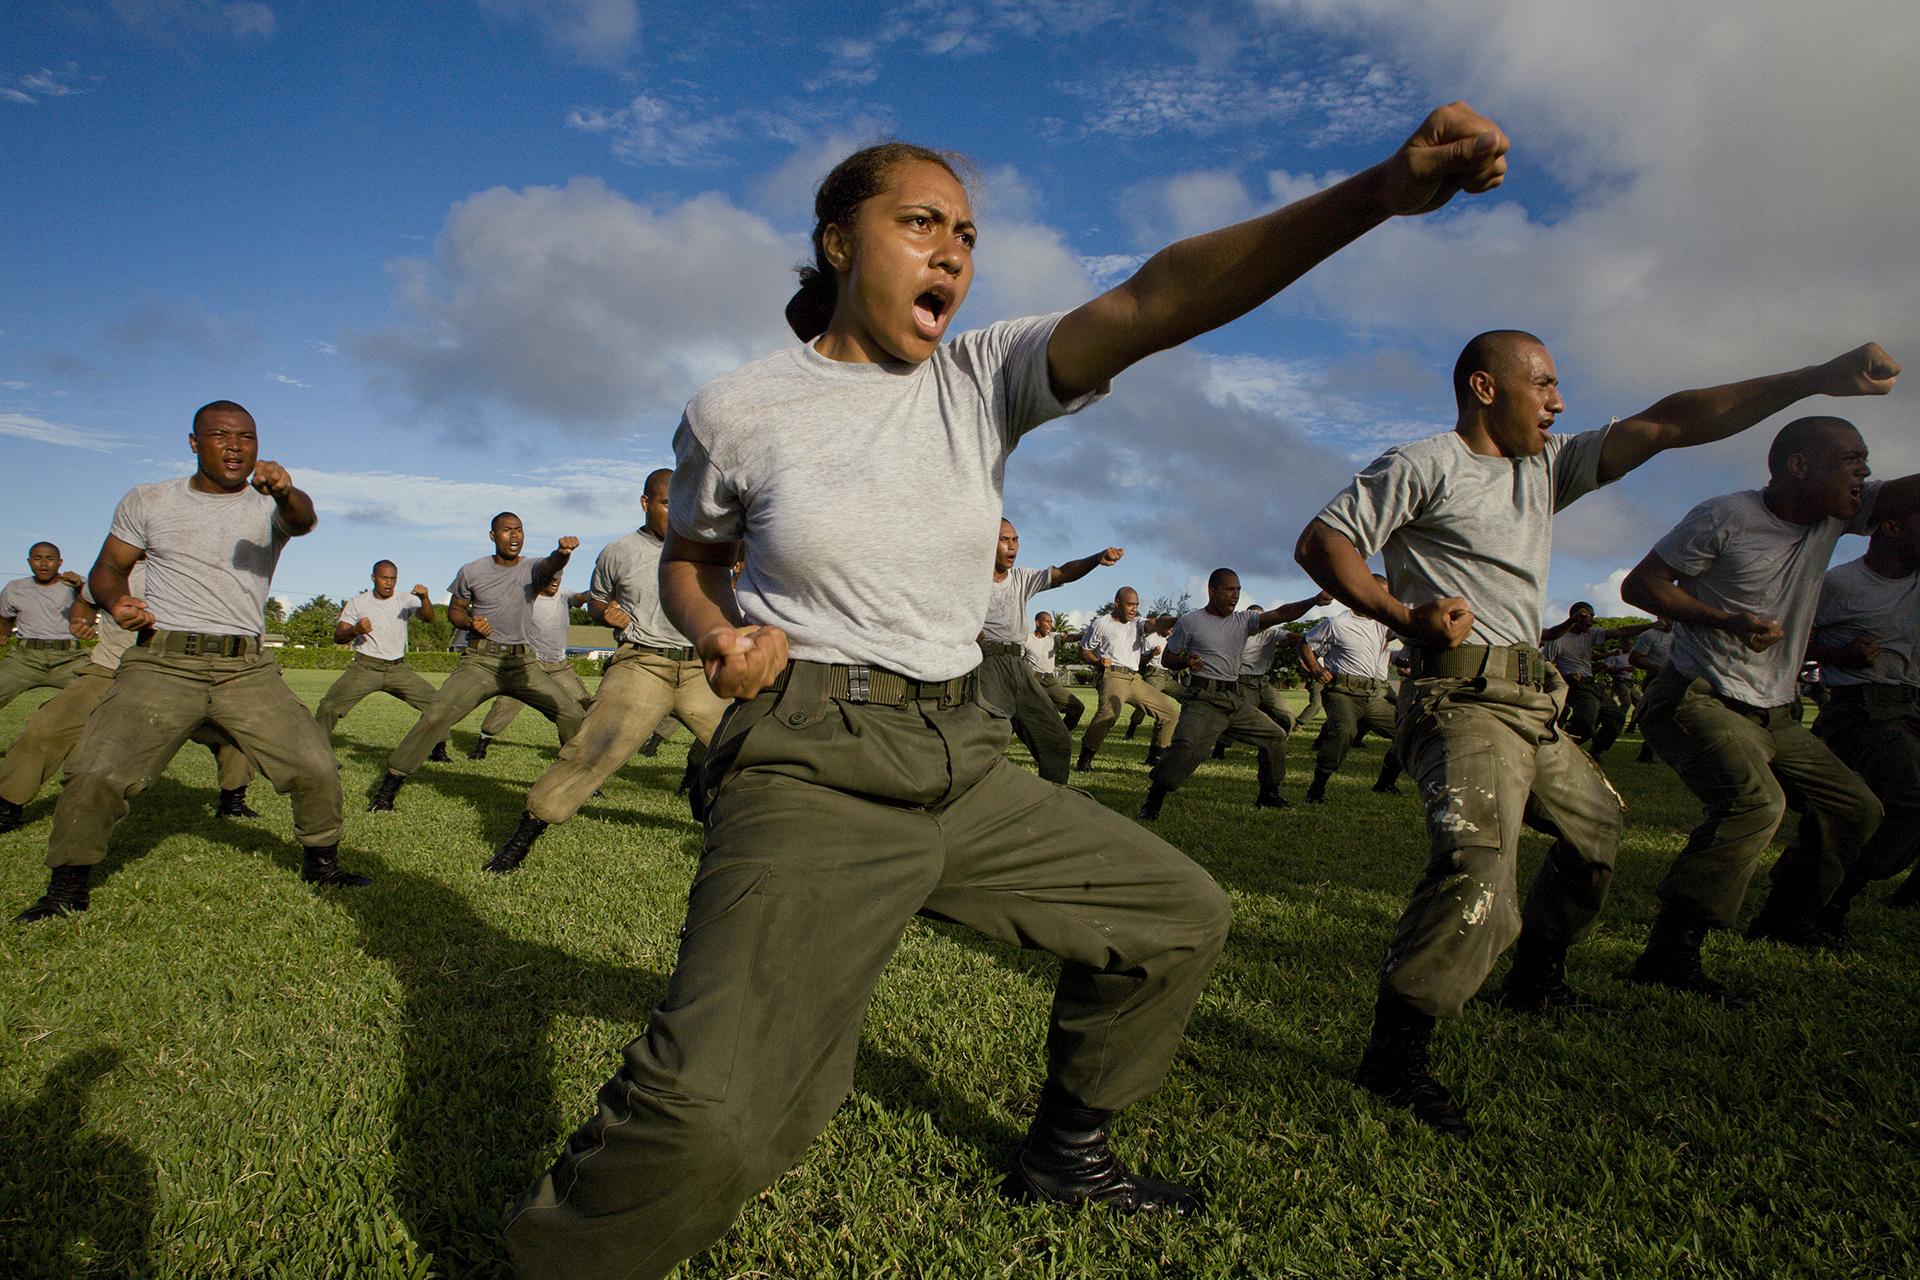 Jóvenes reclutas del servicio de defensa de Tonga demuestran sus habilidades para las artes marciales en la Isla Tongapatu, en Tonga. Amy Toensing, 2007